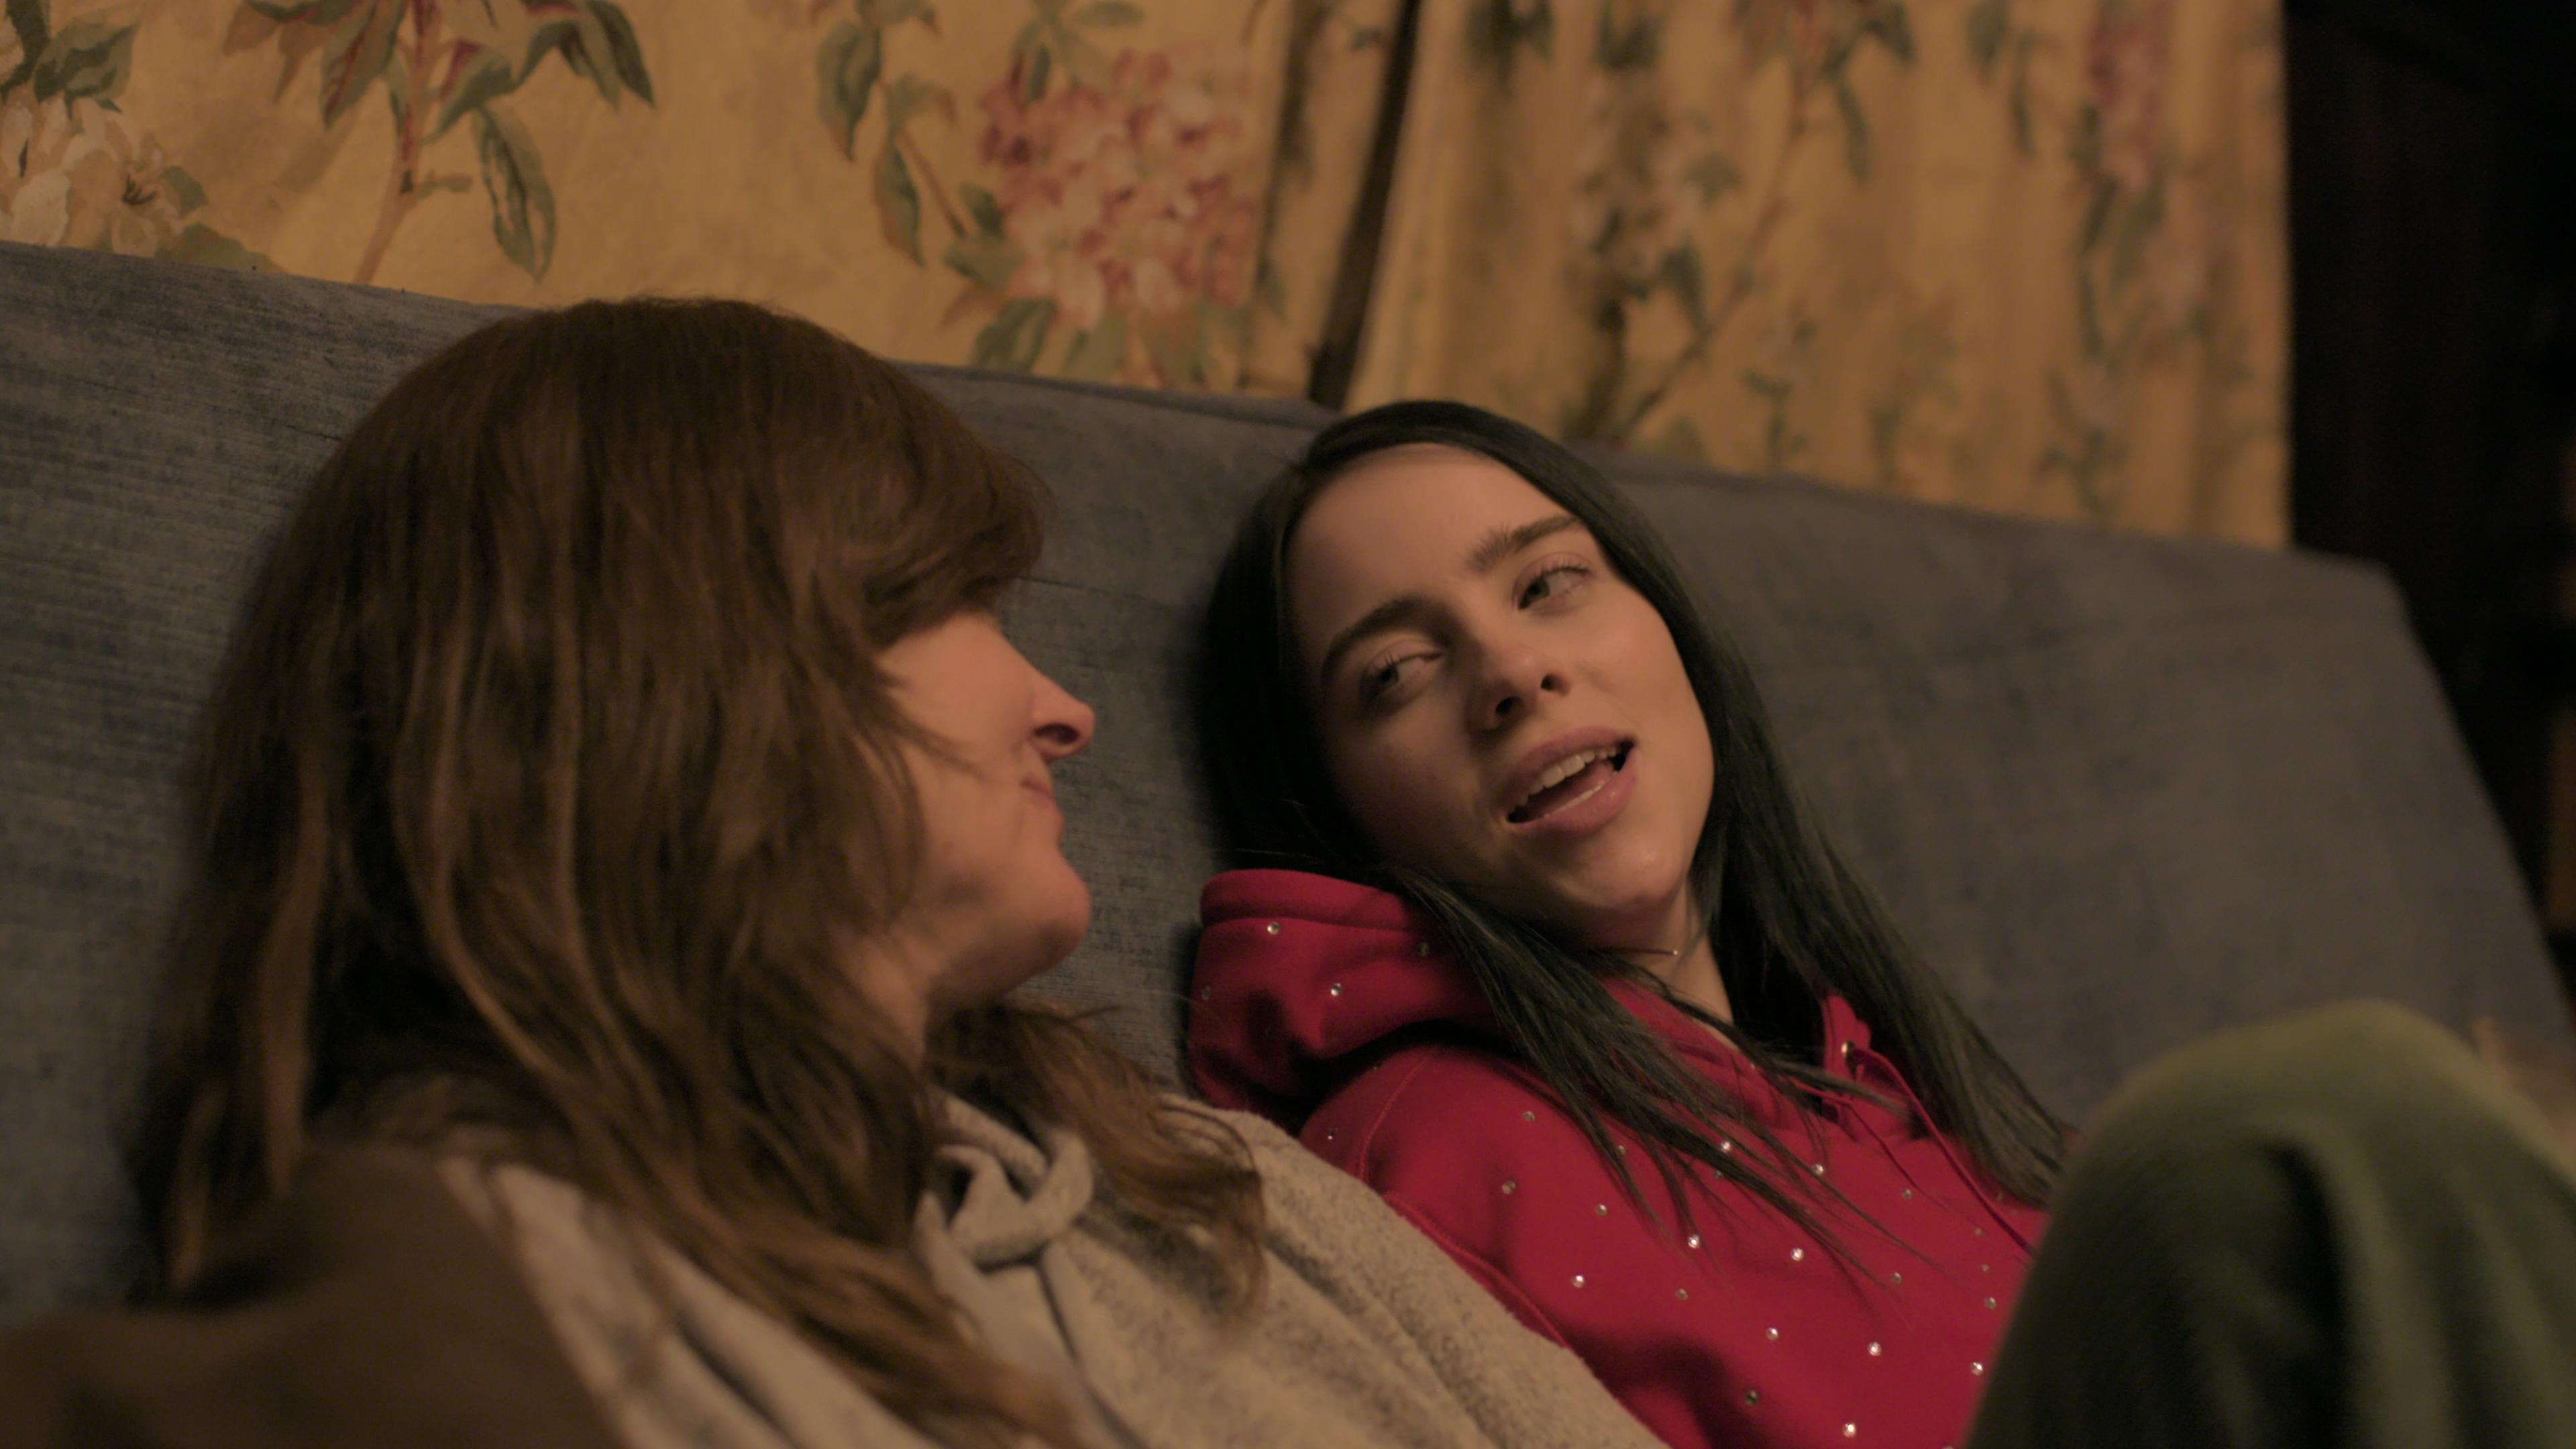 Maggie Baird, left, and Billie Eilish in 'Billie Eilish: The World's a Little Blurry'